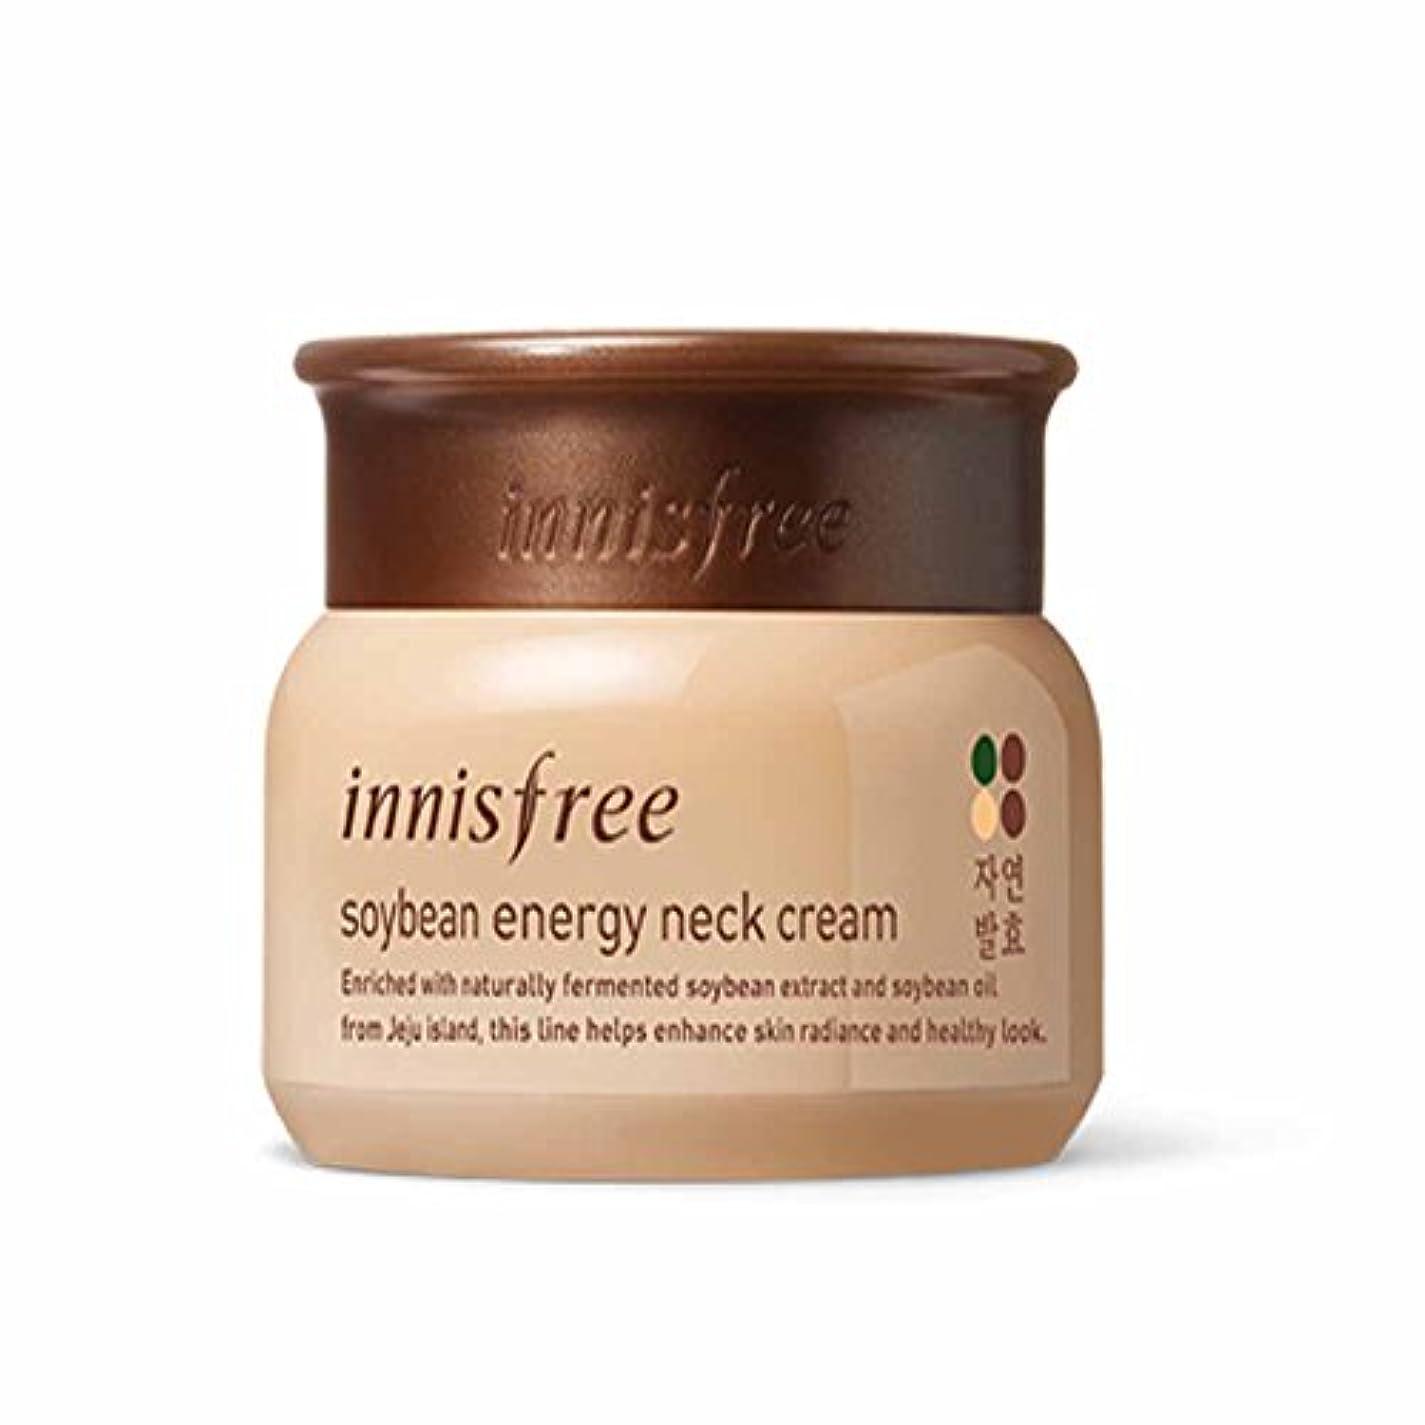 アデレードタヒチ変装したイニスフリーソーイングエナジーネッククリーム80ml / Innisfree Soybean Energy Neck Cream 80ml[海外直送品] [並行輸入品]